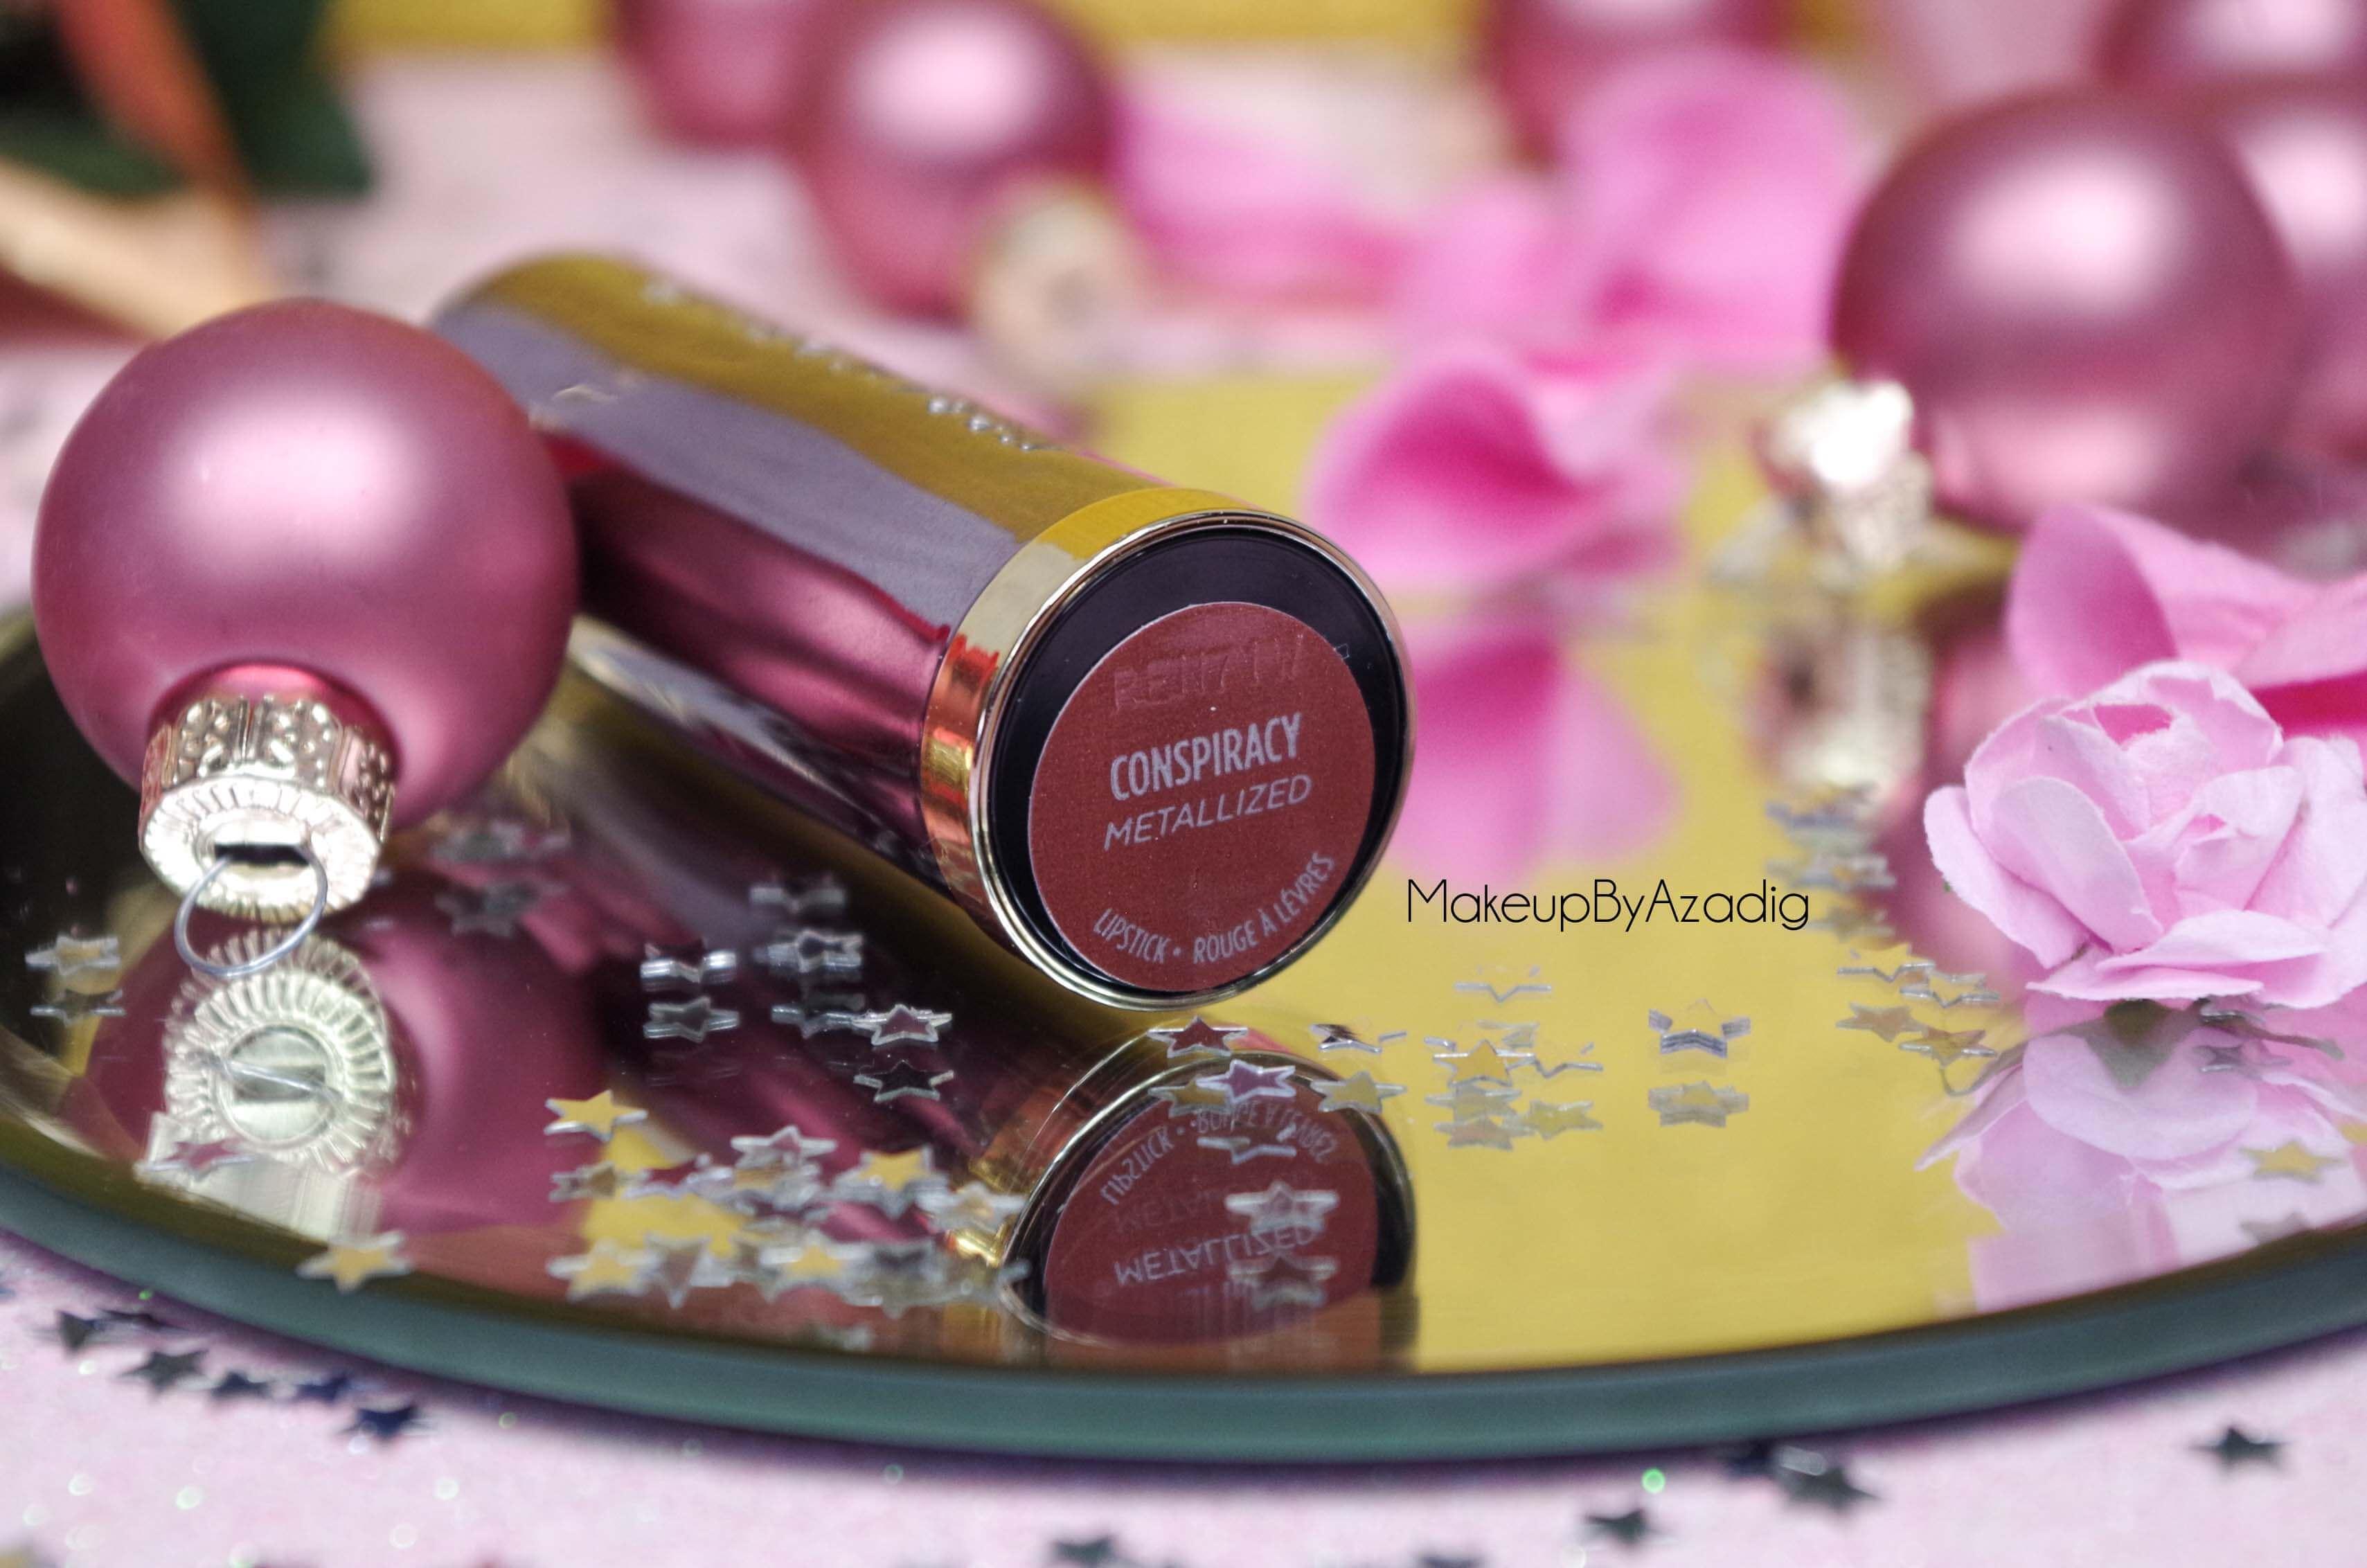 vice_lipstick_urban_decay_sephora_conspiracy_rouge_levre_fini_metallise_metallized_swatch_avis_prix_makeupbyazadig_revue-lips